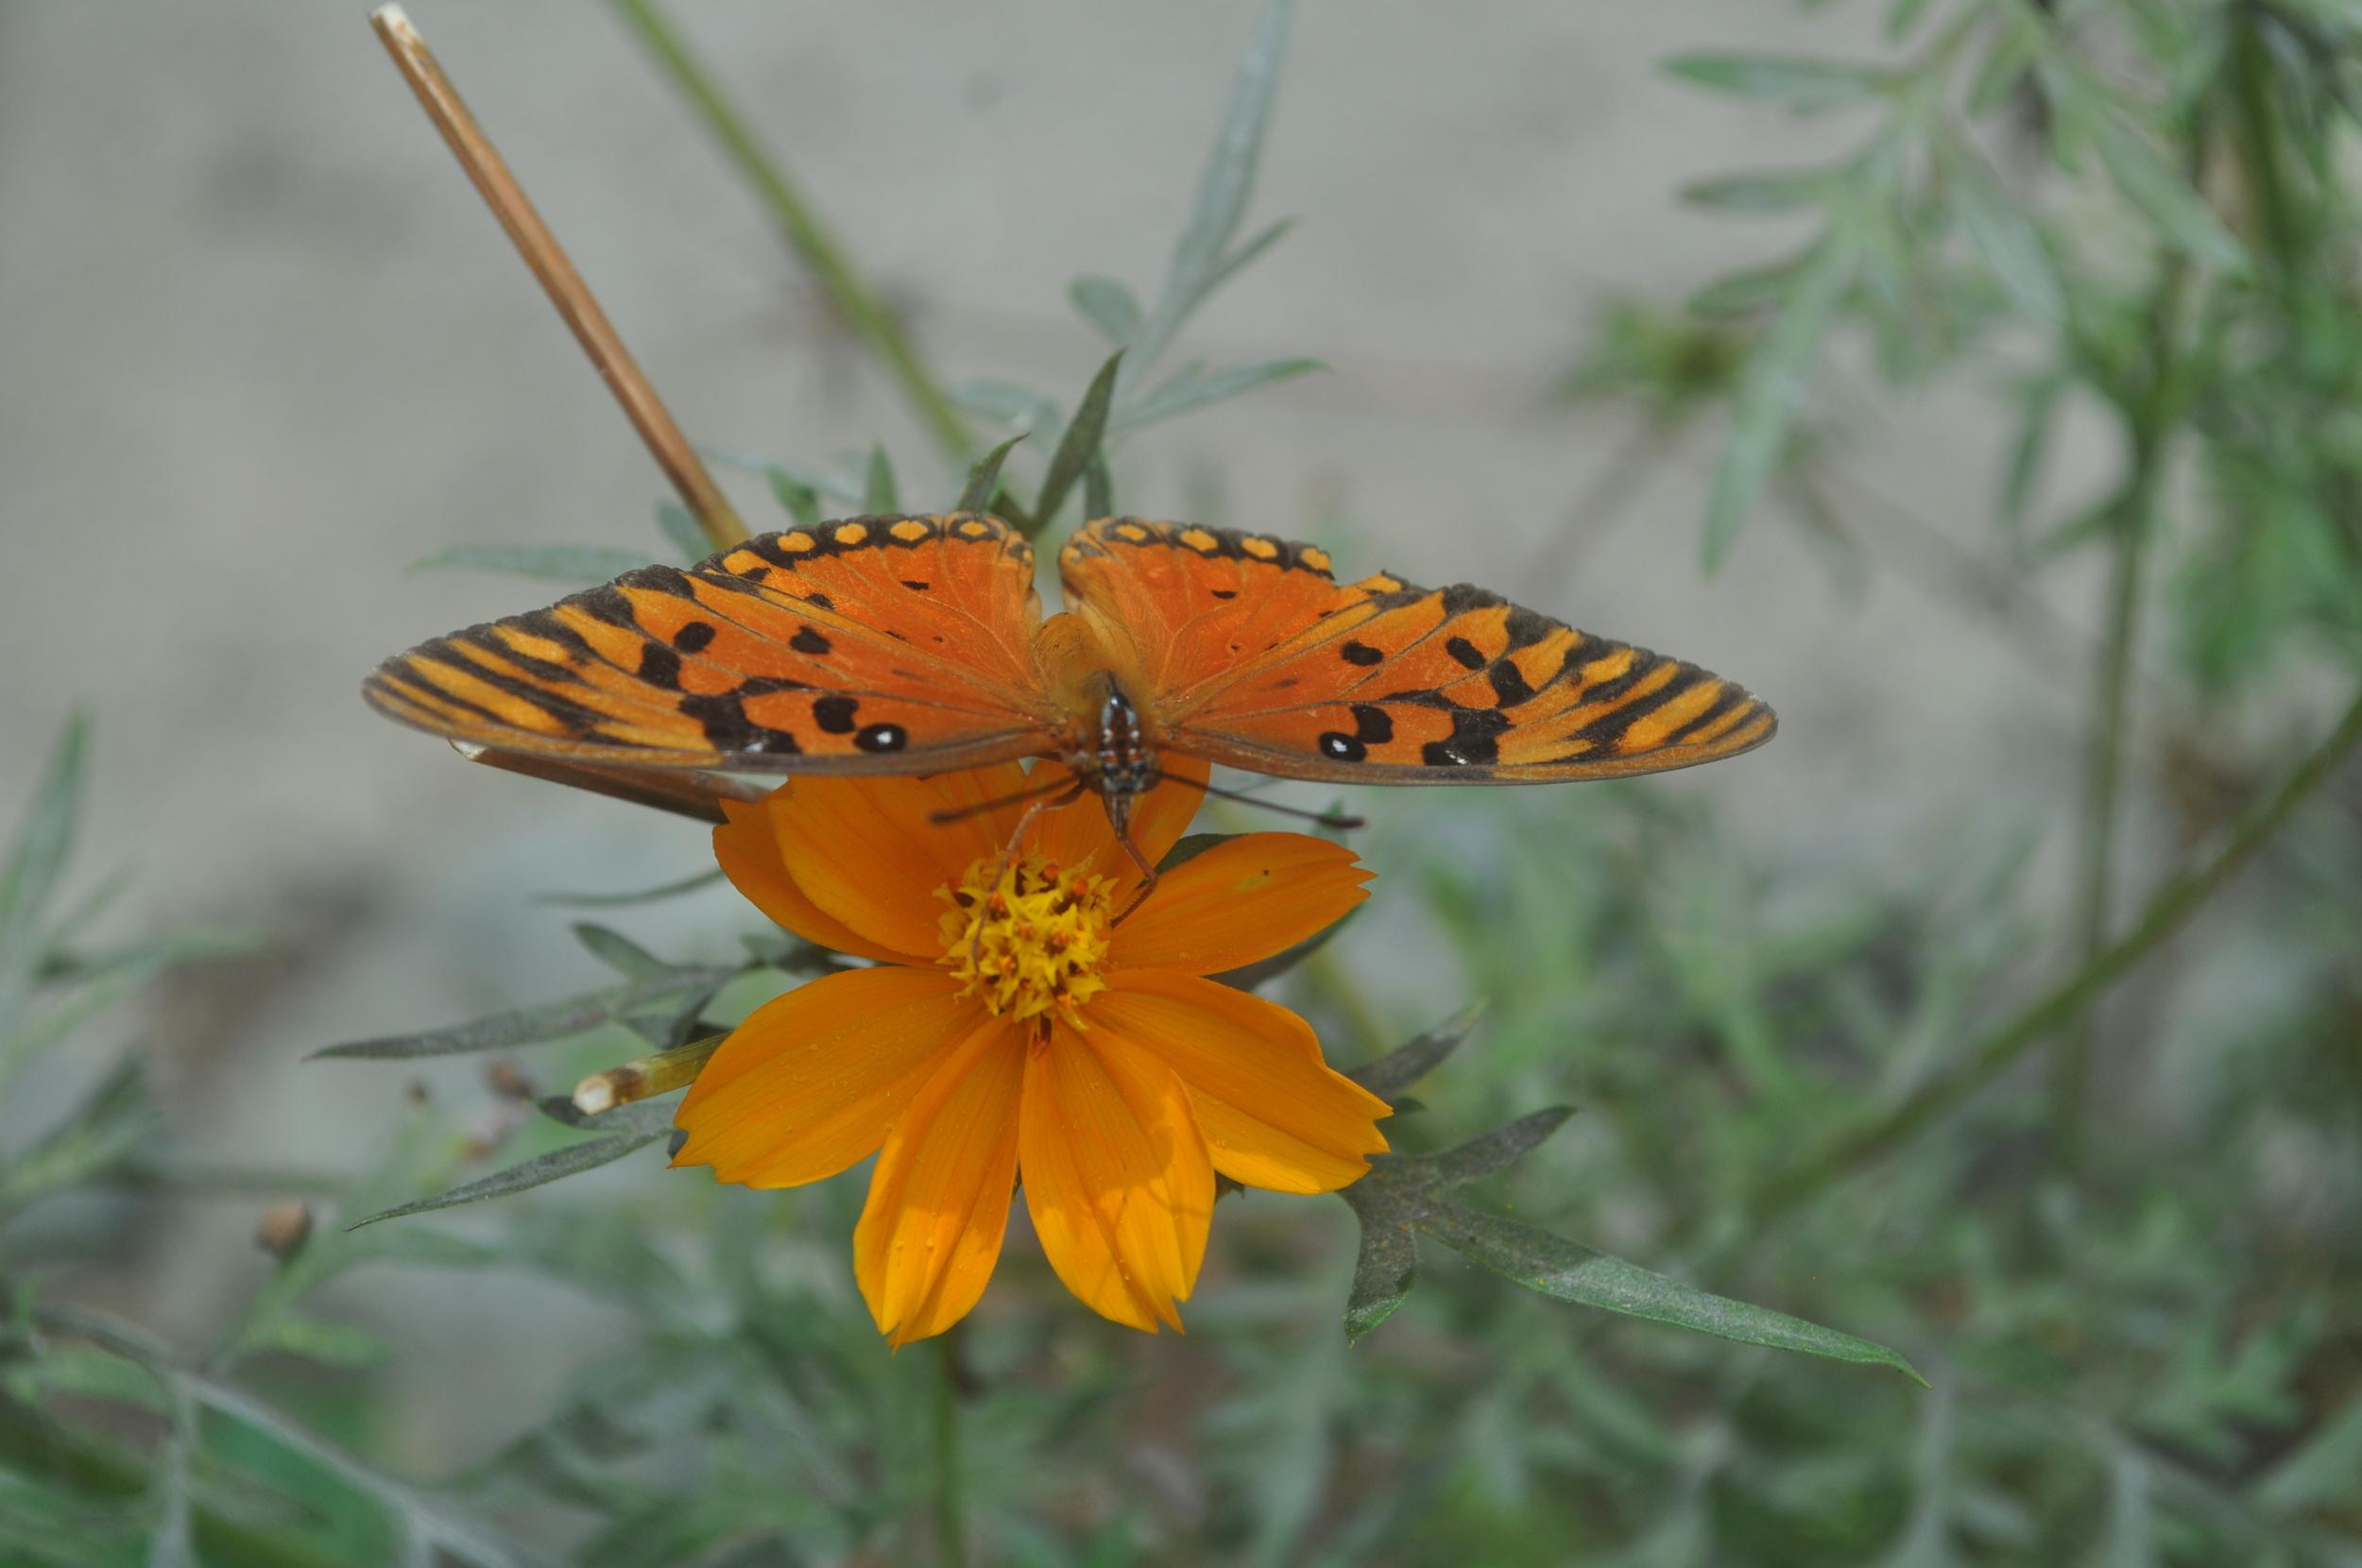 El mariposario de Casa Pueblo en  Adjuntas  es todo un espectáculo natural. Aprendimos sobre la mariposa y su relación con la parcha, las plantas hospederas y el proceso de la oruga. Foto: Pamy Rojas